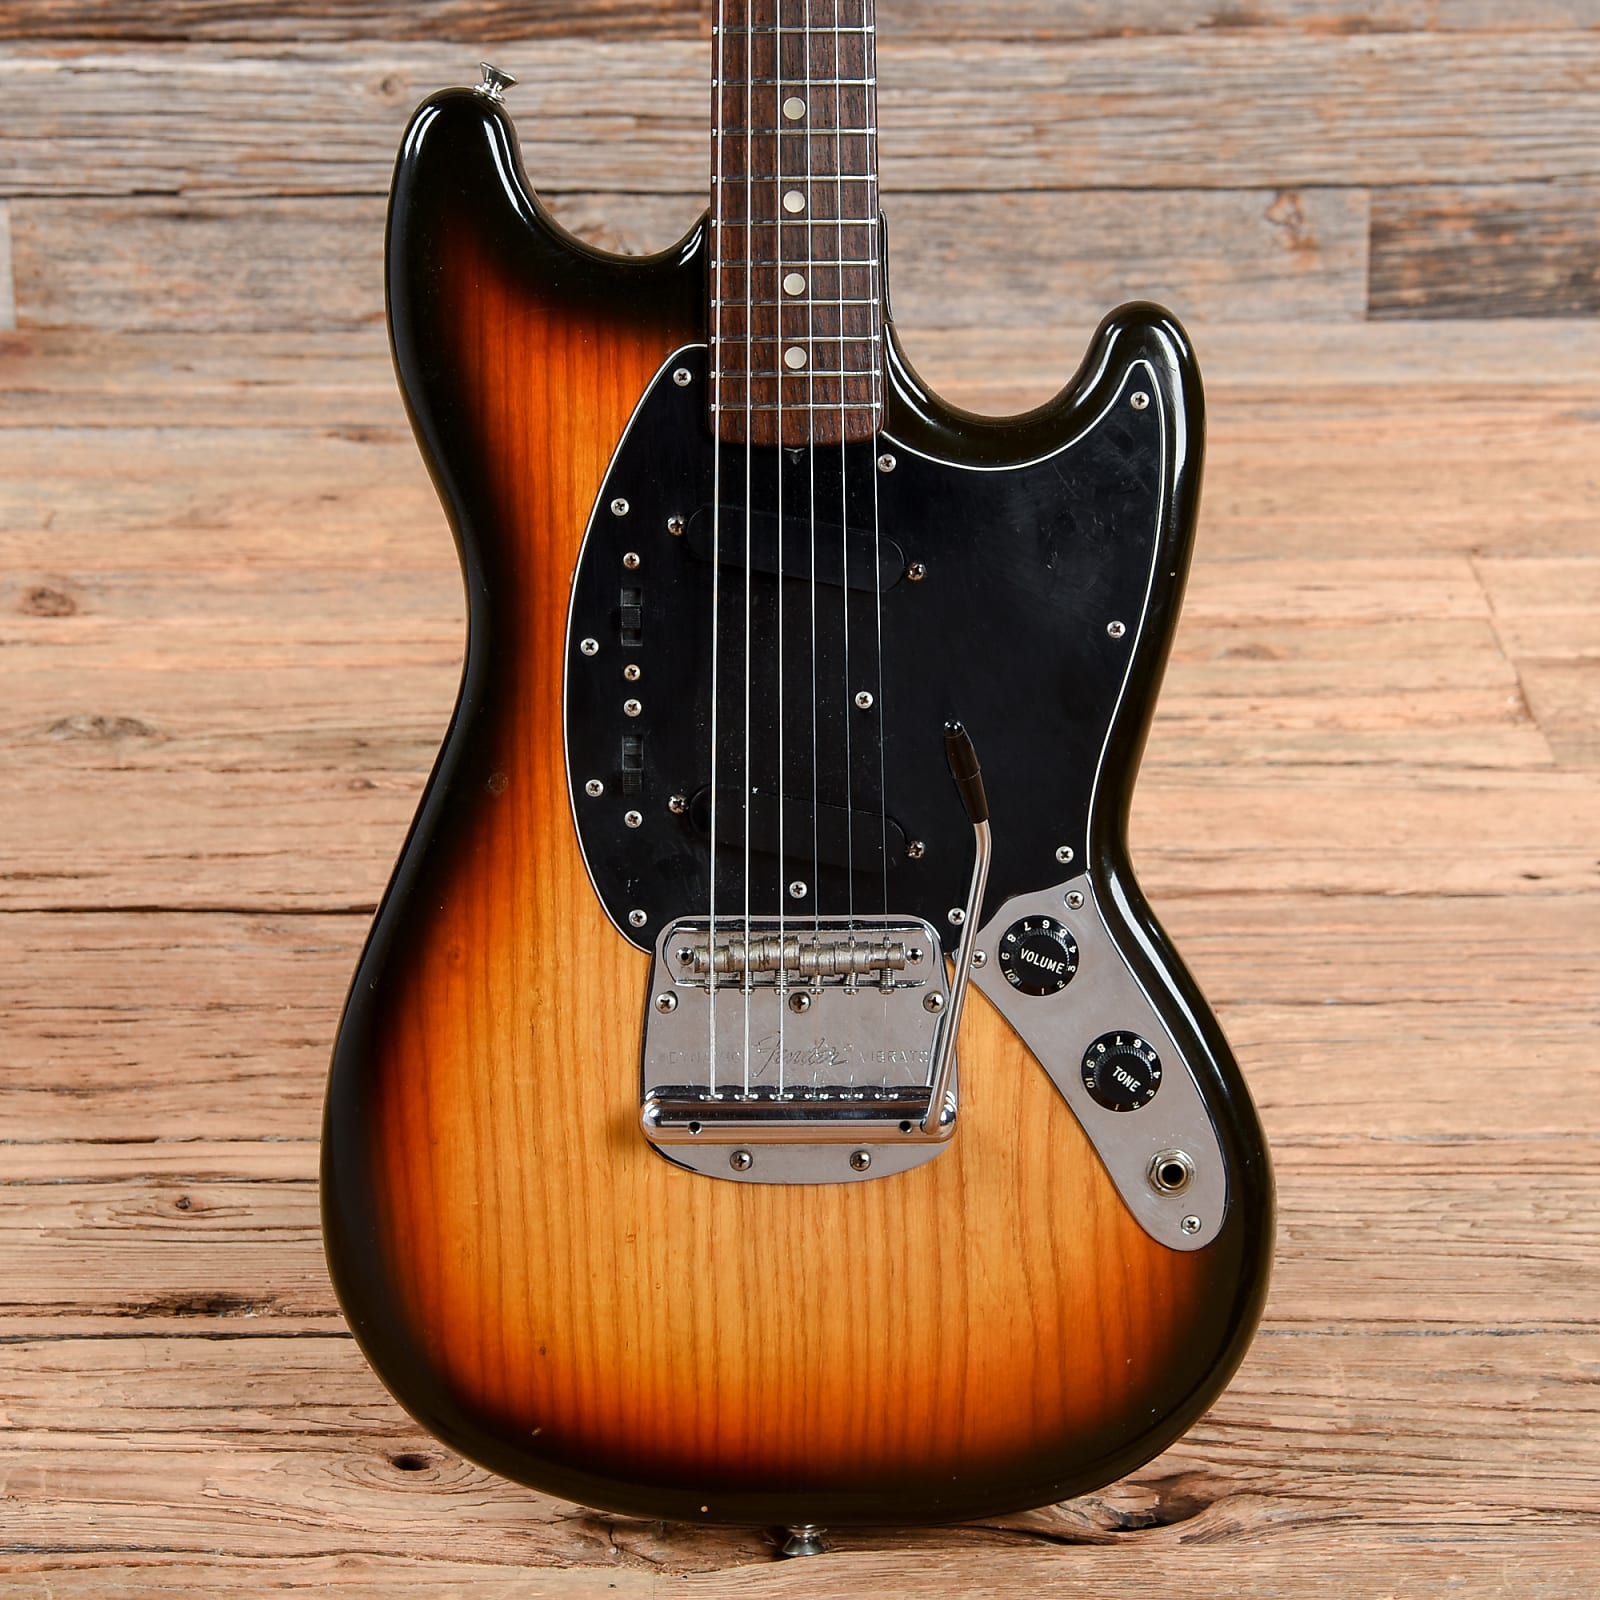 Fender Mustang Sunburst 1979